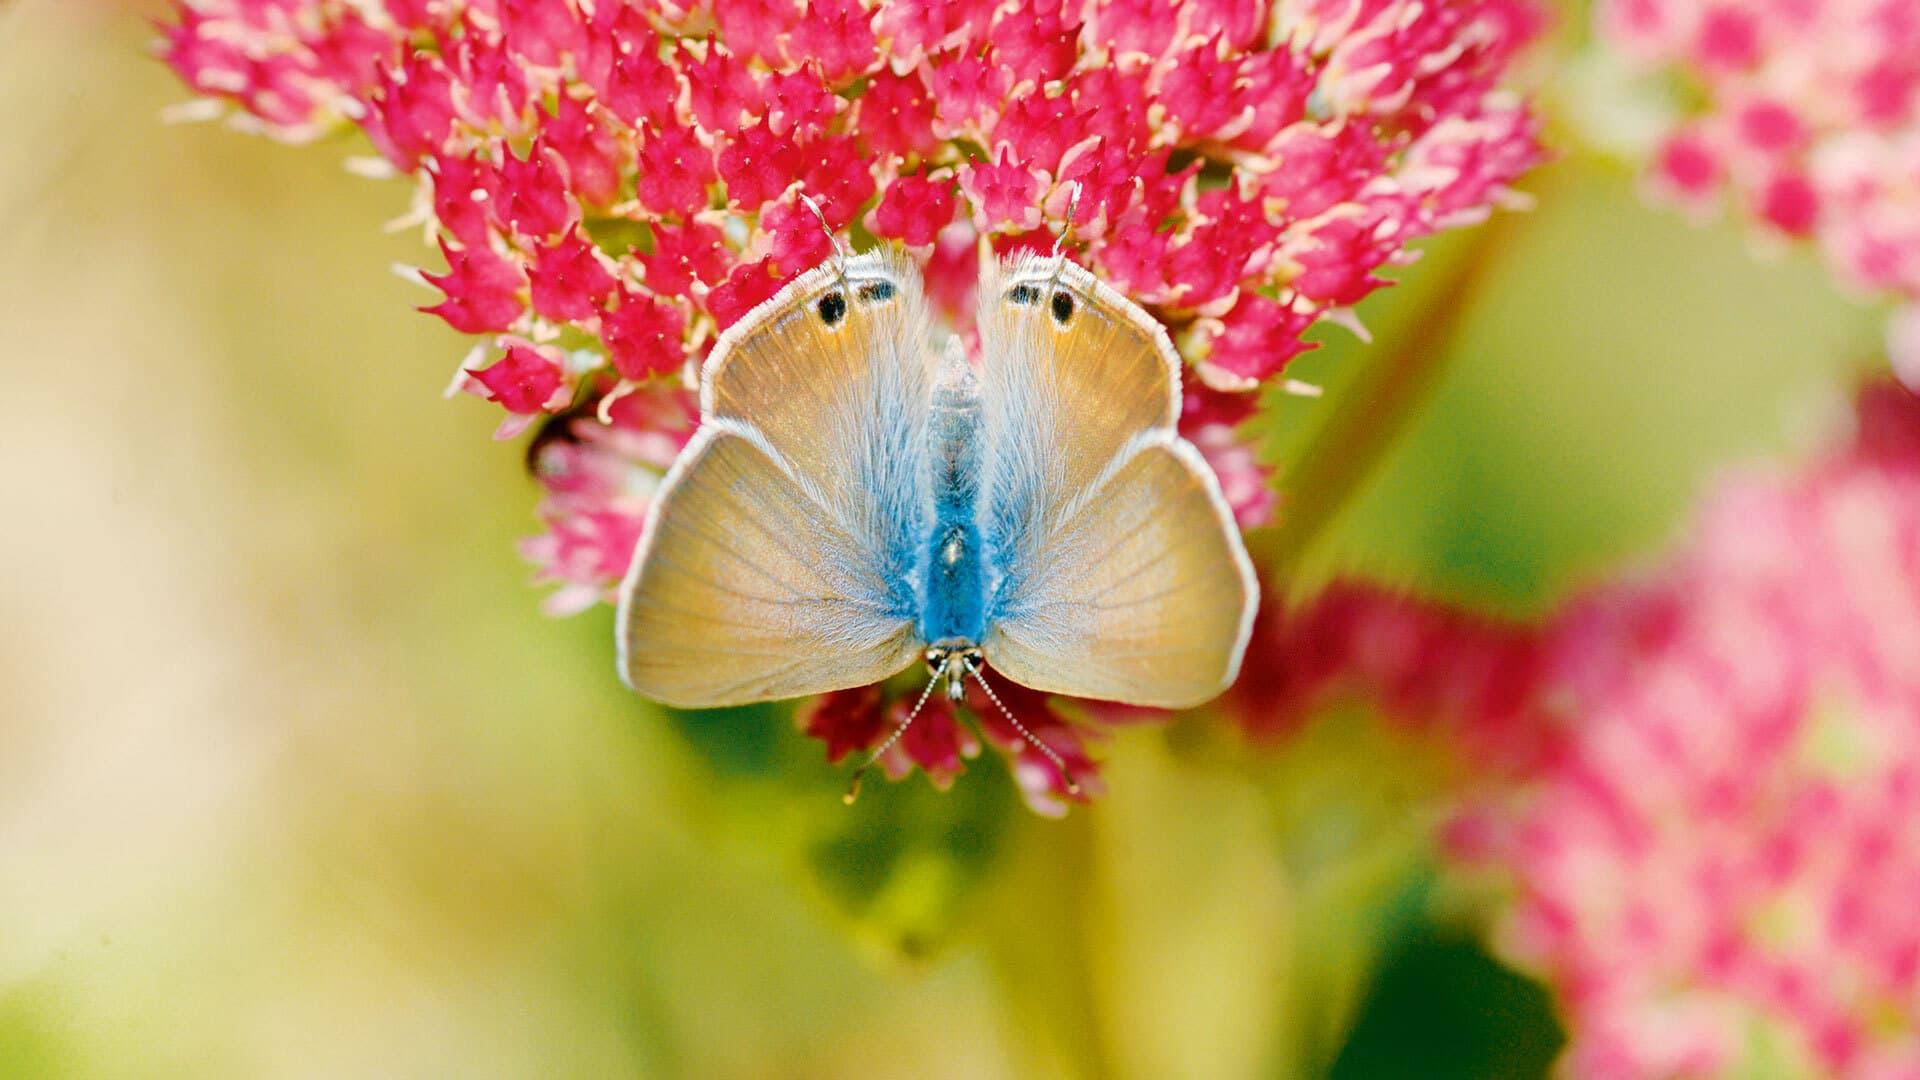 Ein Schmetterling auf offenen kleinen roten Blüten